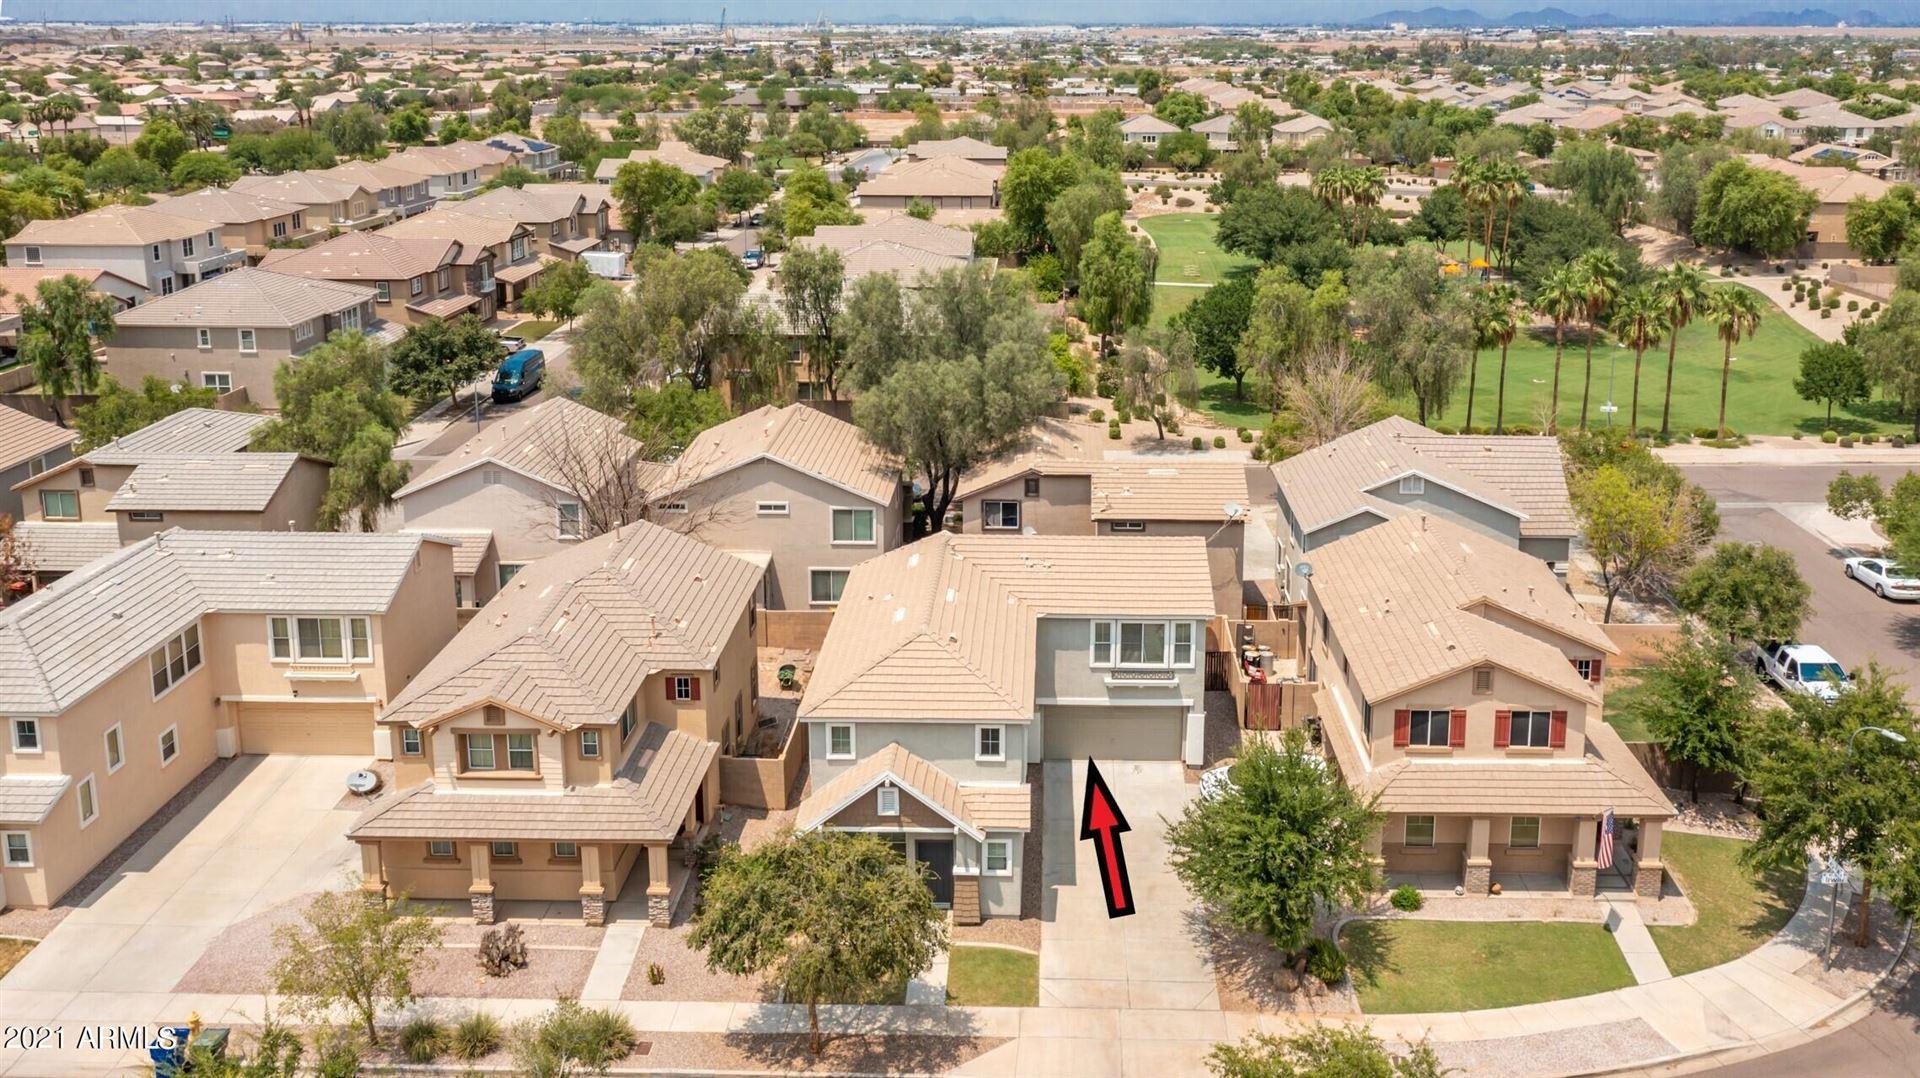 Photo of 4206 W IRWIN Avenue, Phoenix, AZ 85041 (MLS # 6269368)